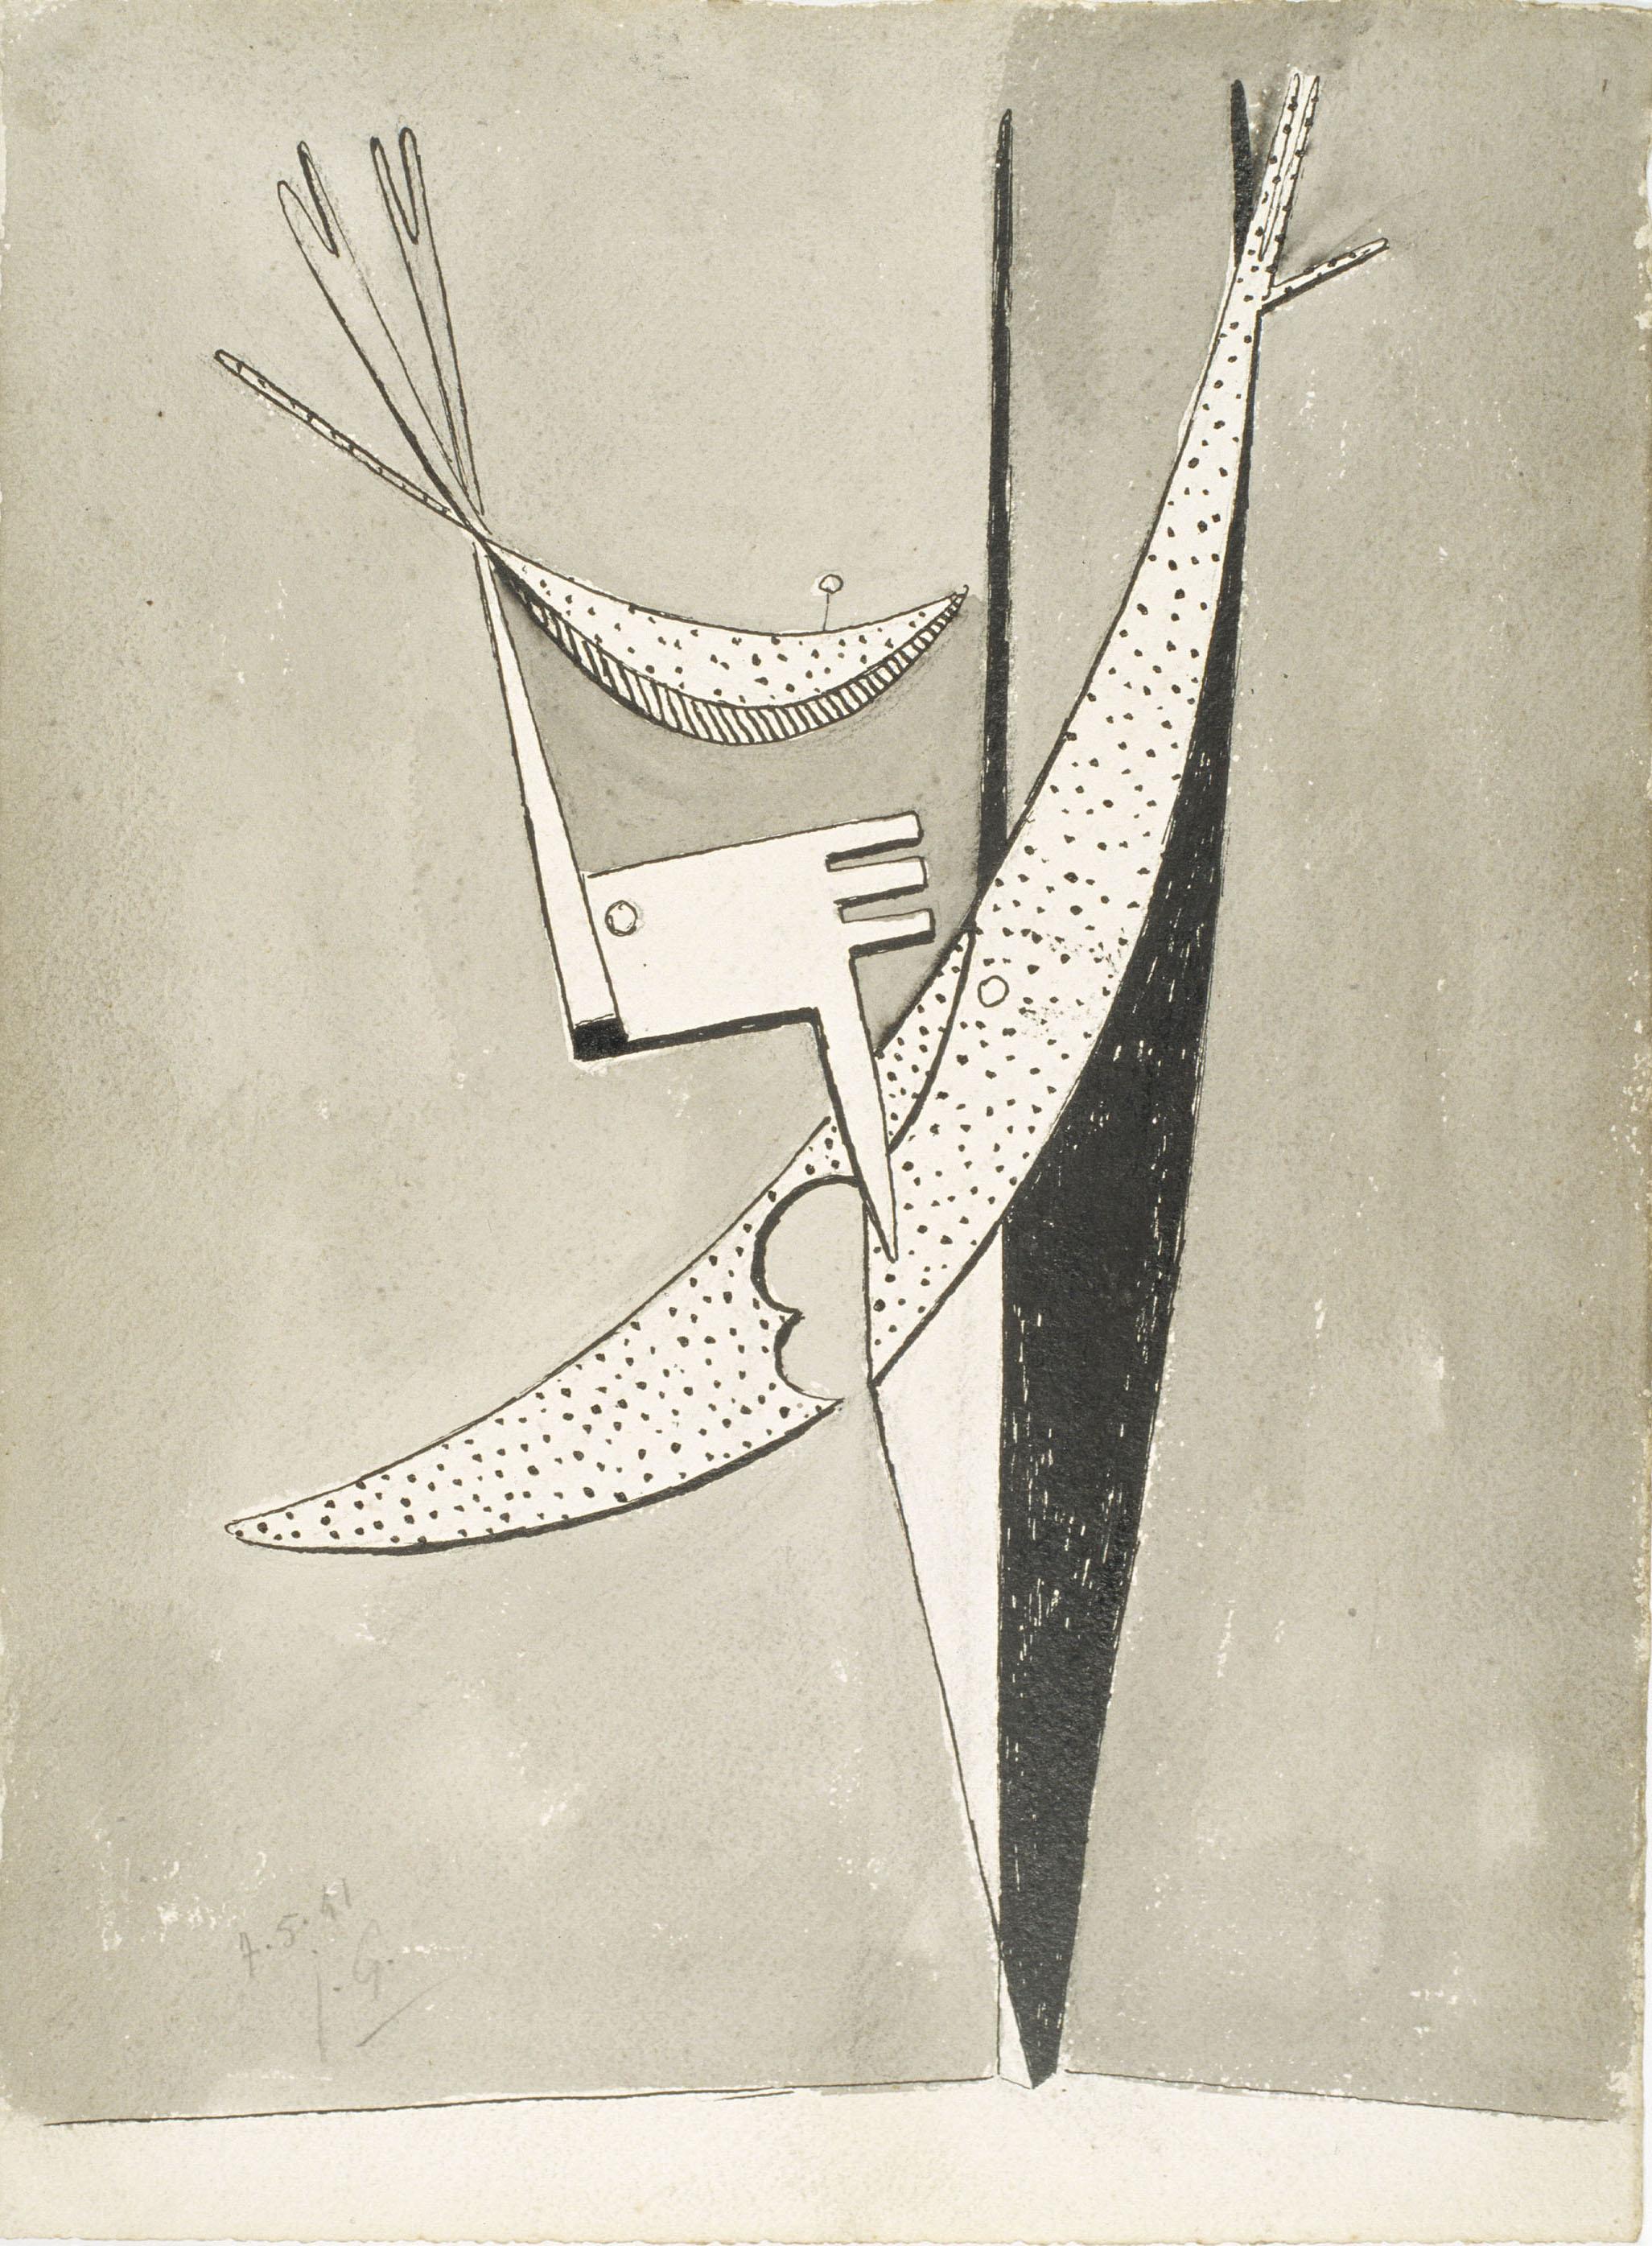 Juli González - Personatge puntejat (Personnage aux pointillés) - 1941